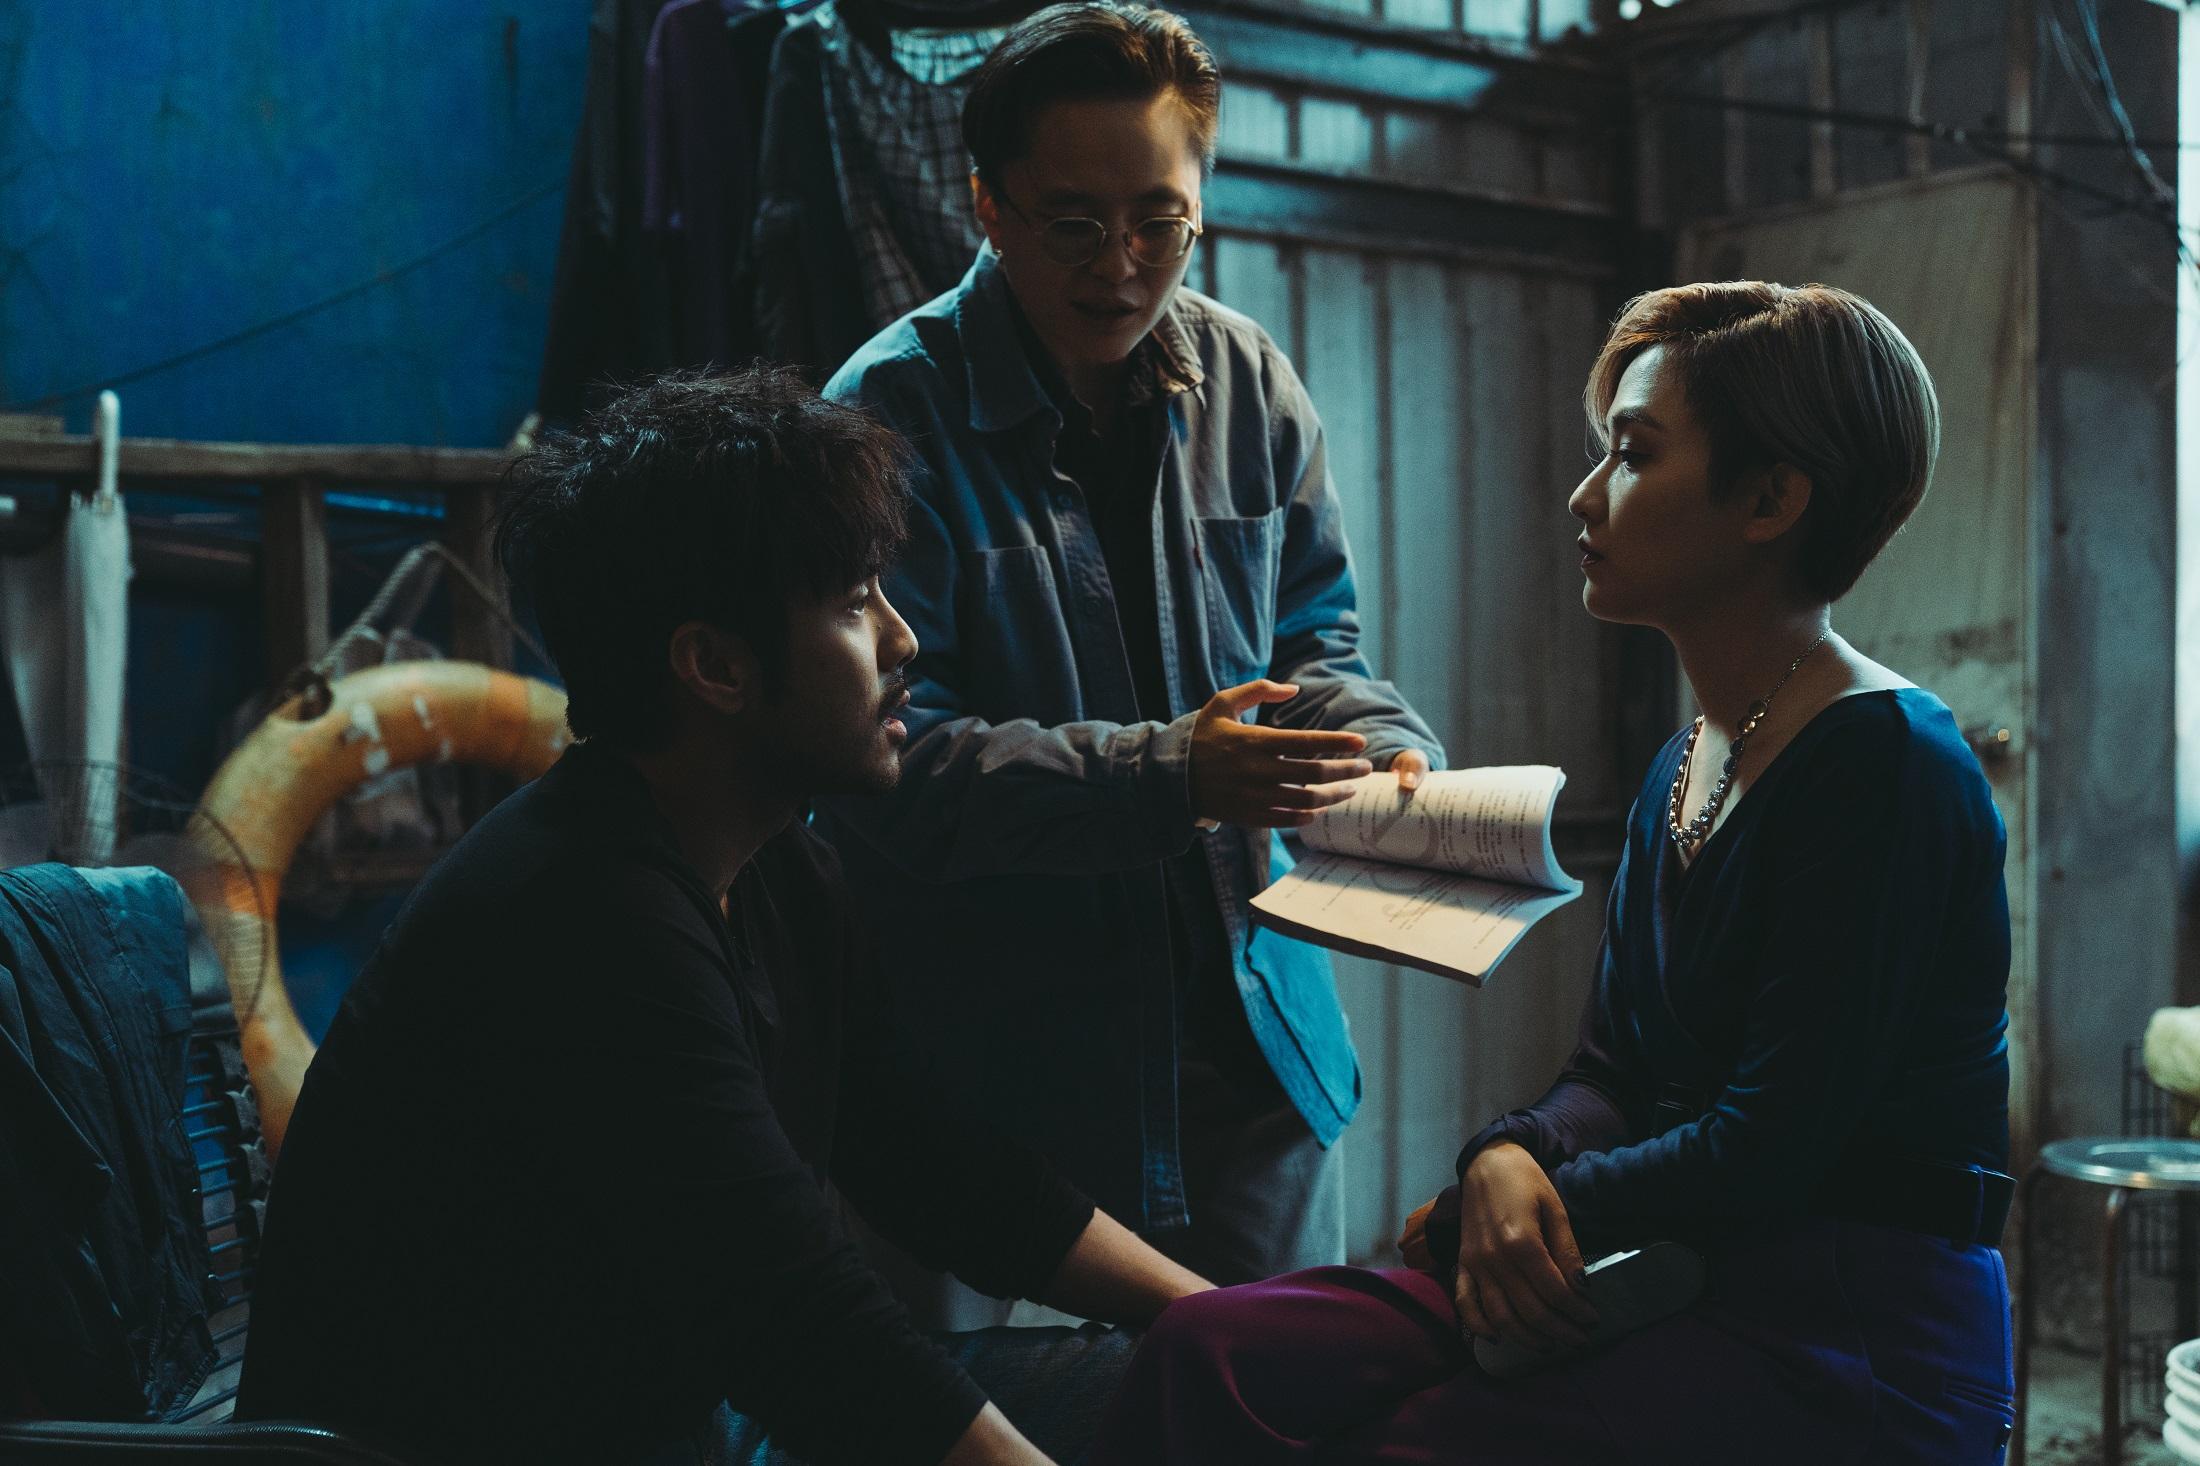 章立衡耍狠拿刀架在范曉萱脖子,不料下一幕竟遭反摑巴掌,還被冷嗆「你還需要我」